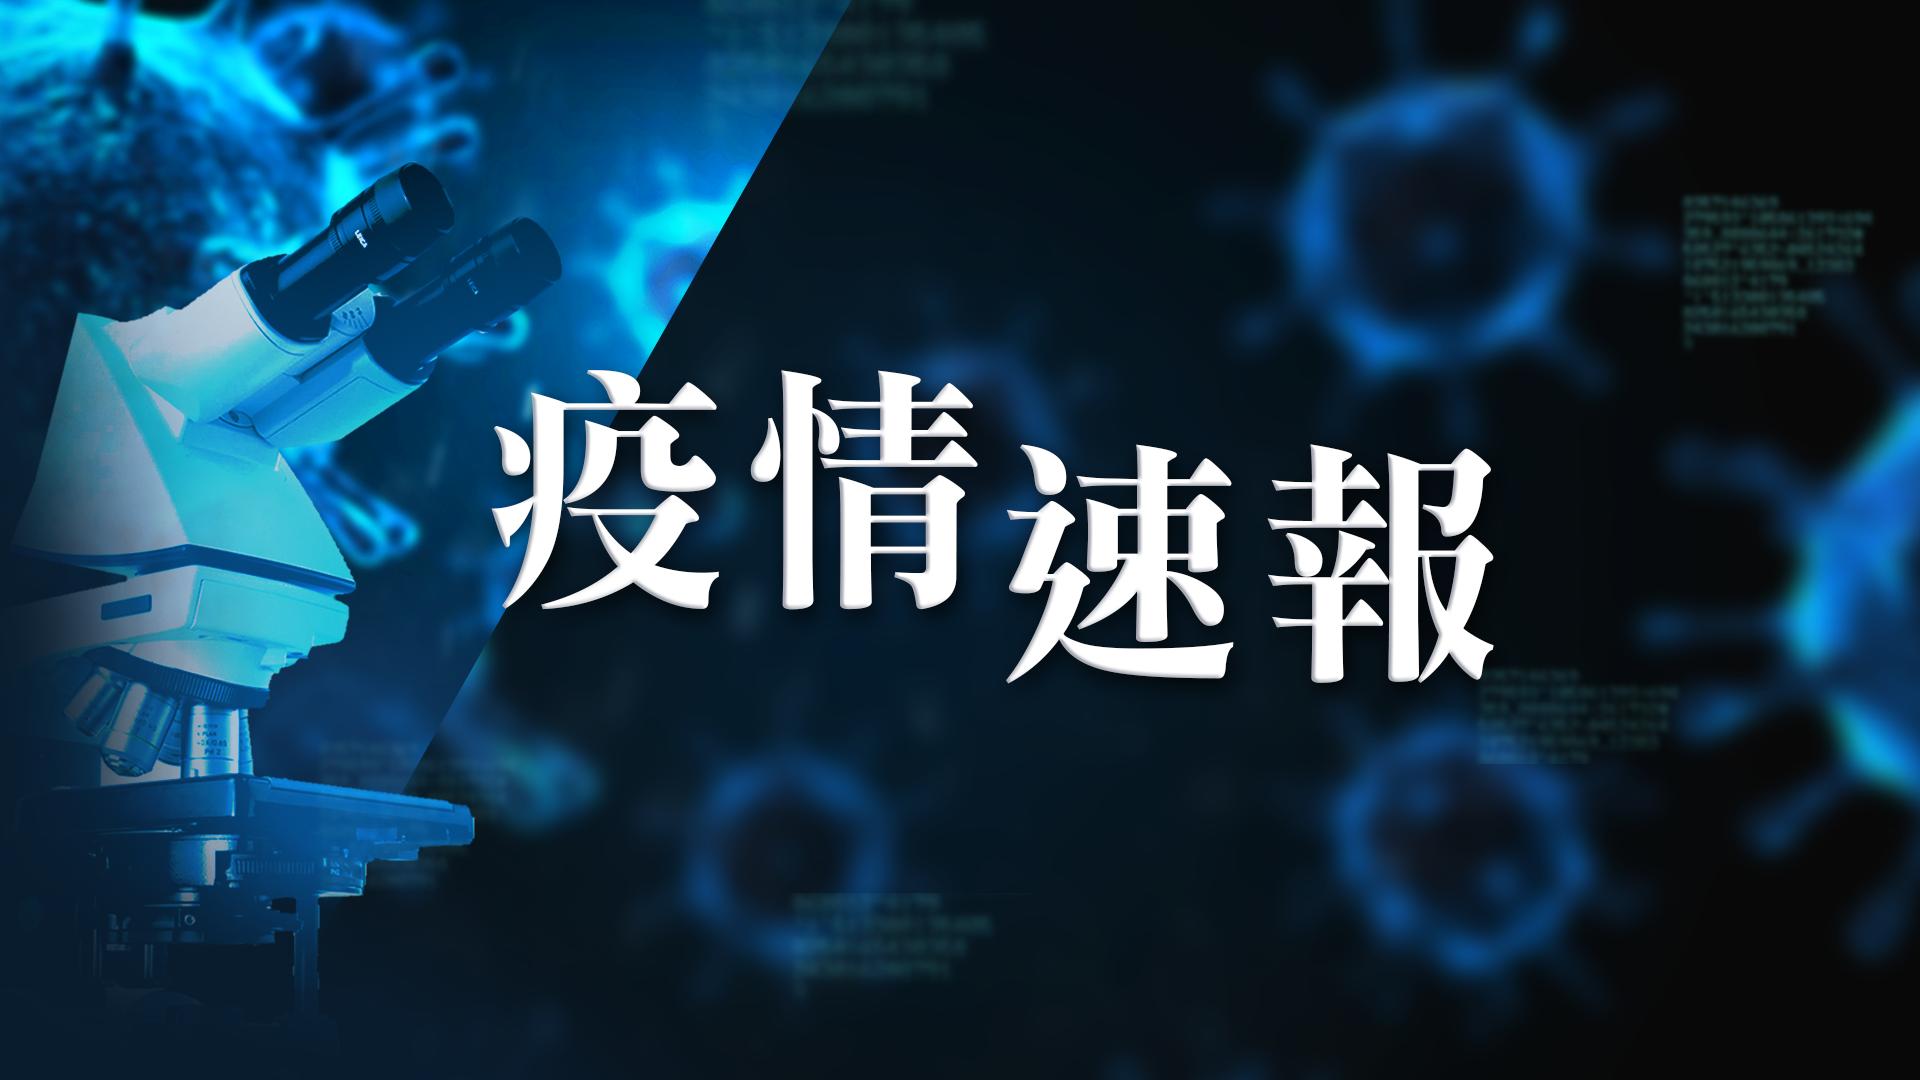 【9月18日疫情速報】(23:00)